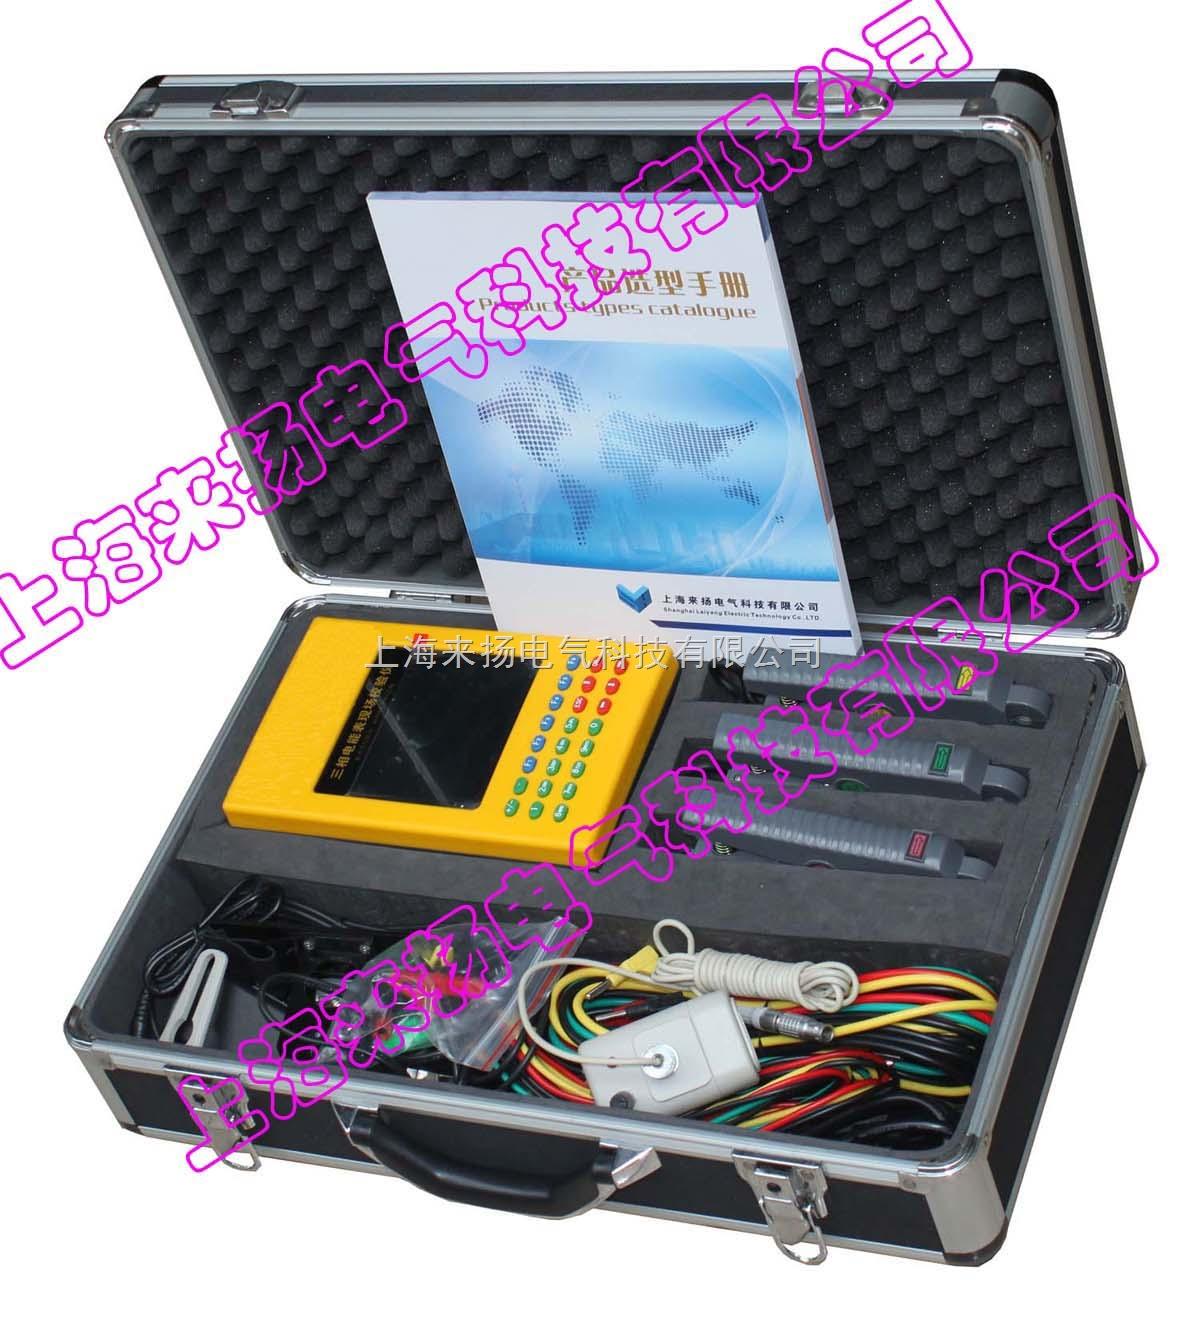 三相电能表用电稽查装置